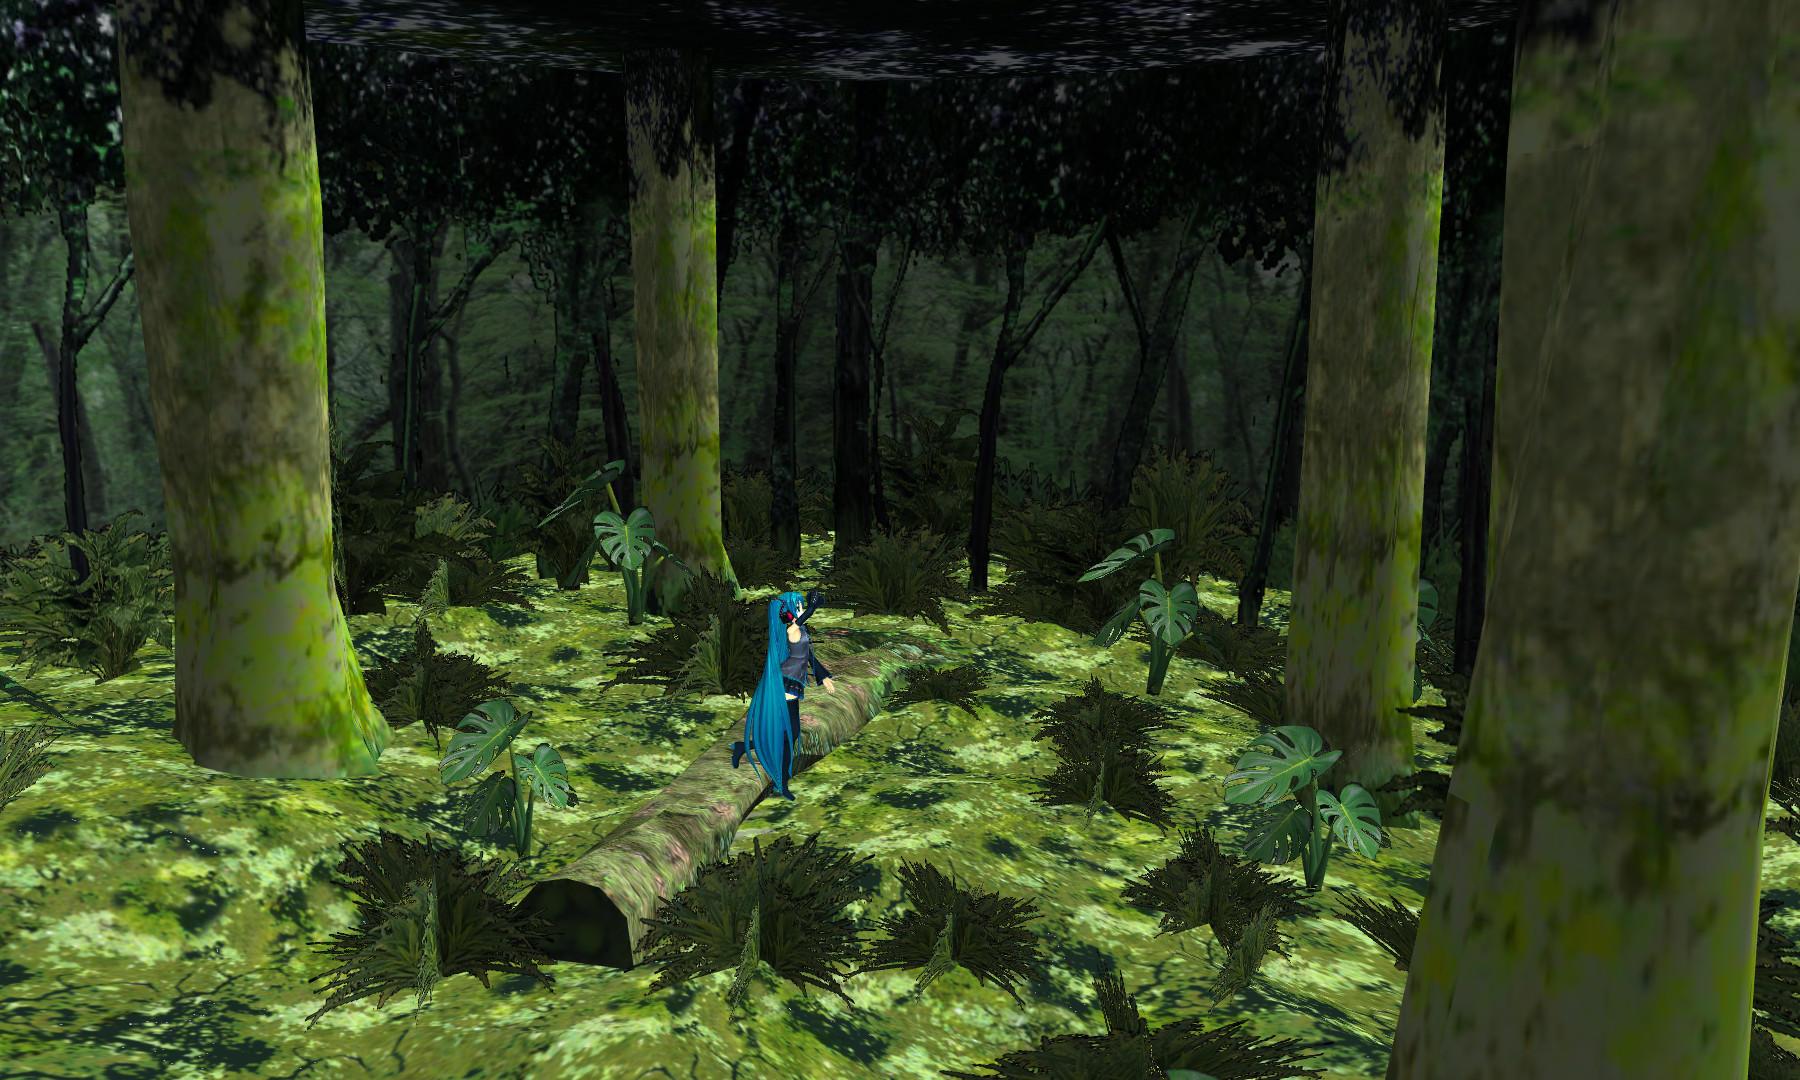 Mmd Forest Scene From Polygon Love 2 By Ketokeas On Deviantart